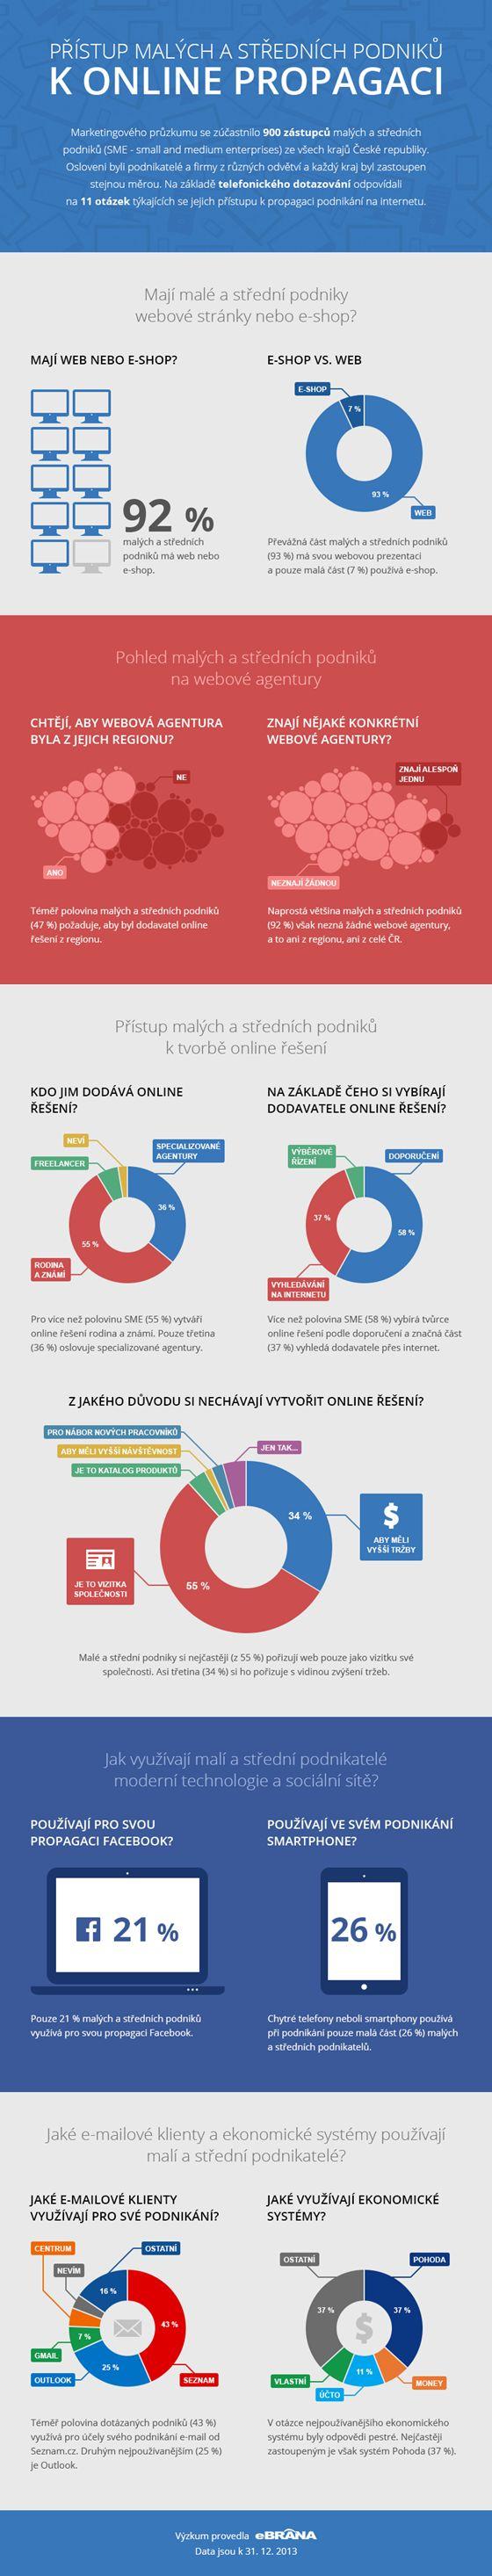 Infografika: Jak přistupují malé a střední podniky k online propagaci : Marketing journal